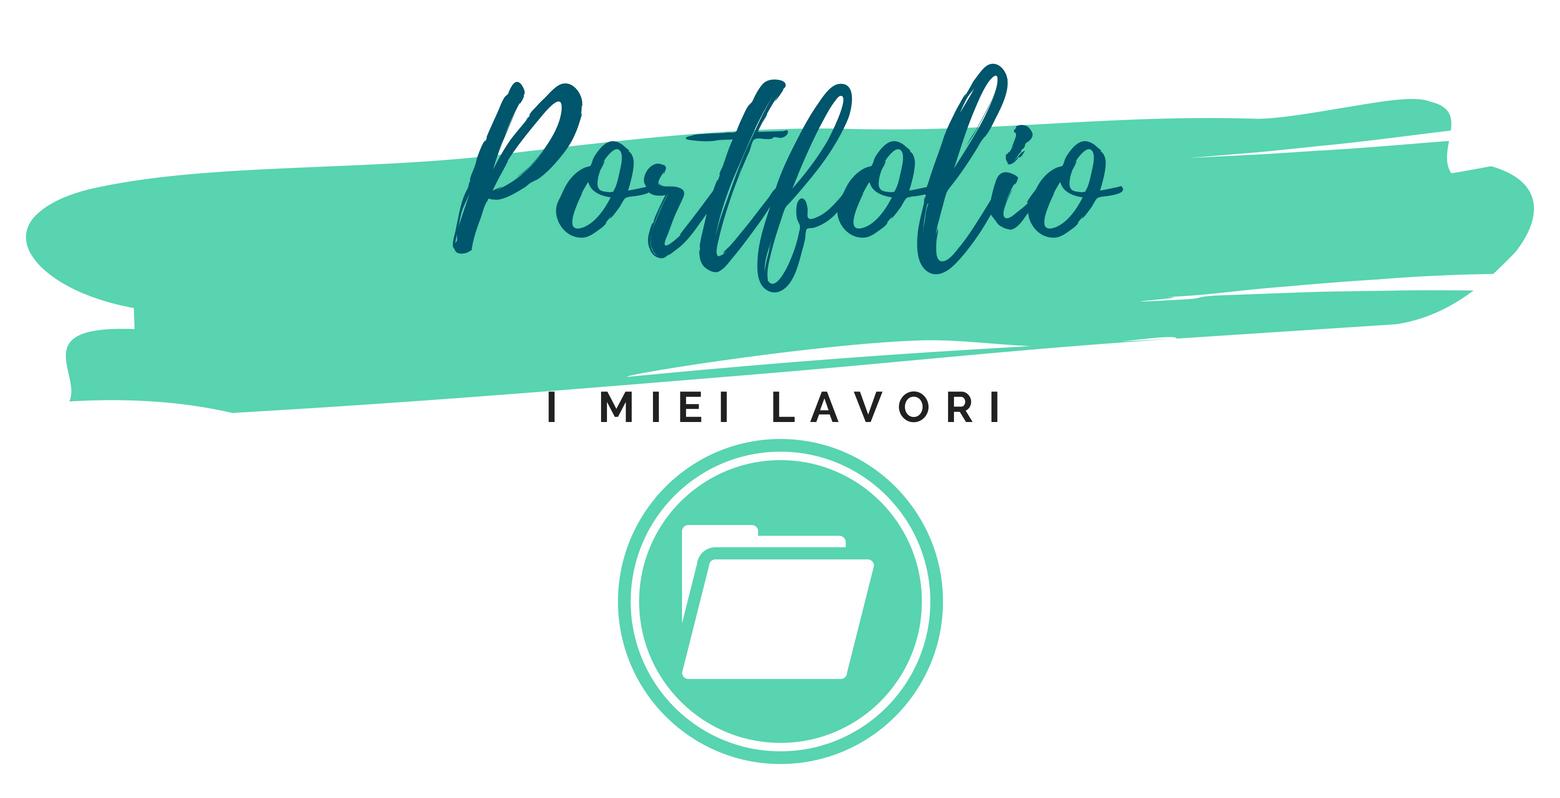 CopyVoicer (Lorenzo Abagnale) - Portfolio